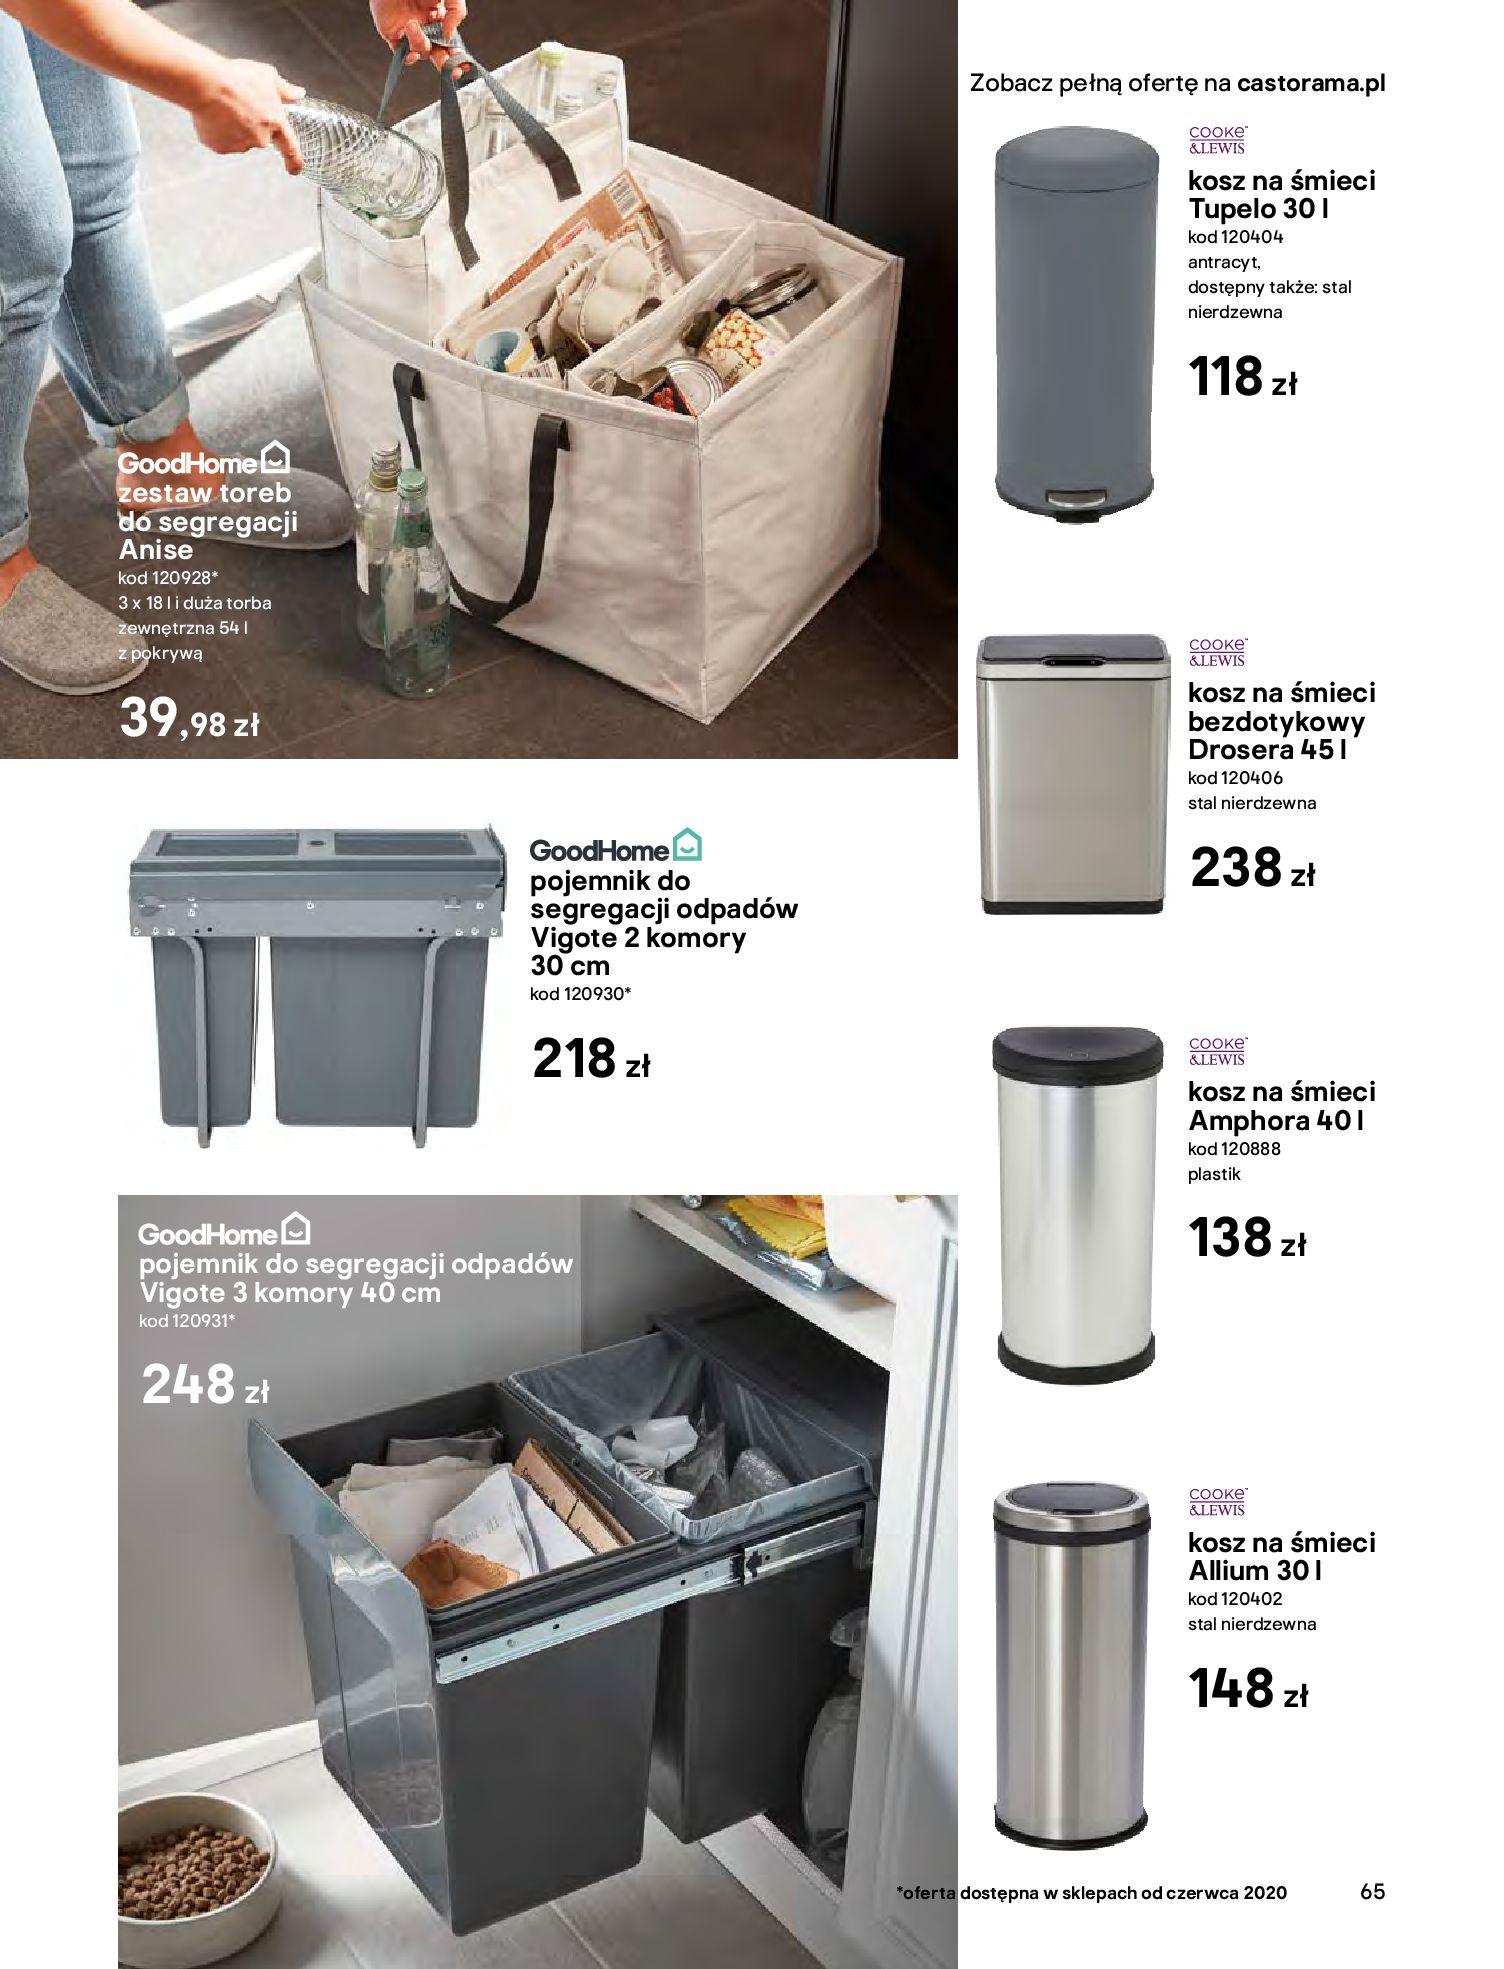 Gazetka Castorama - Katalog Kuchnie 2020-14.04.2020-31.12.2020-page-65